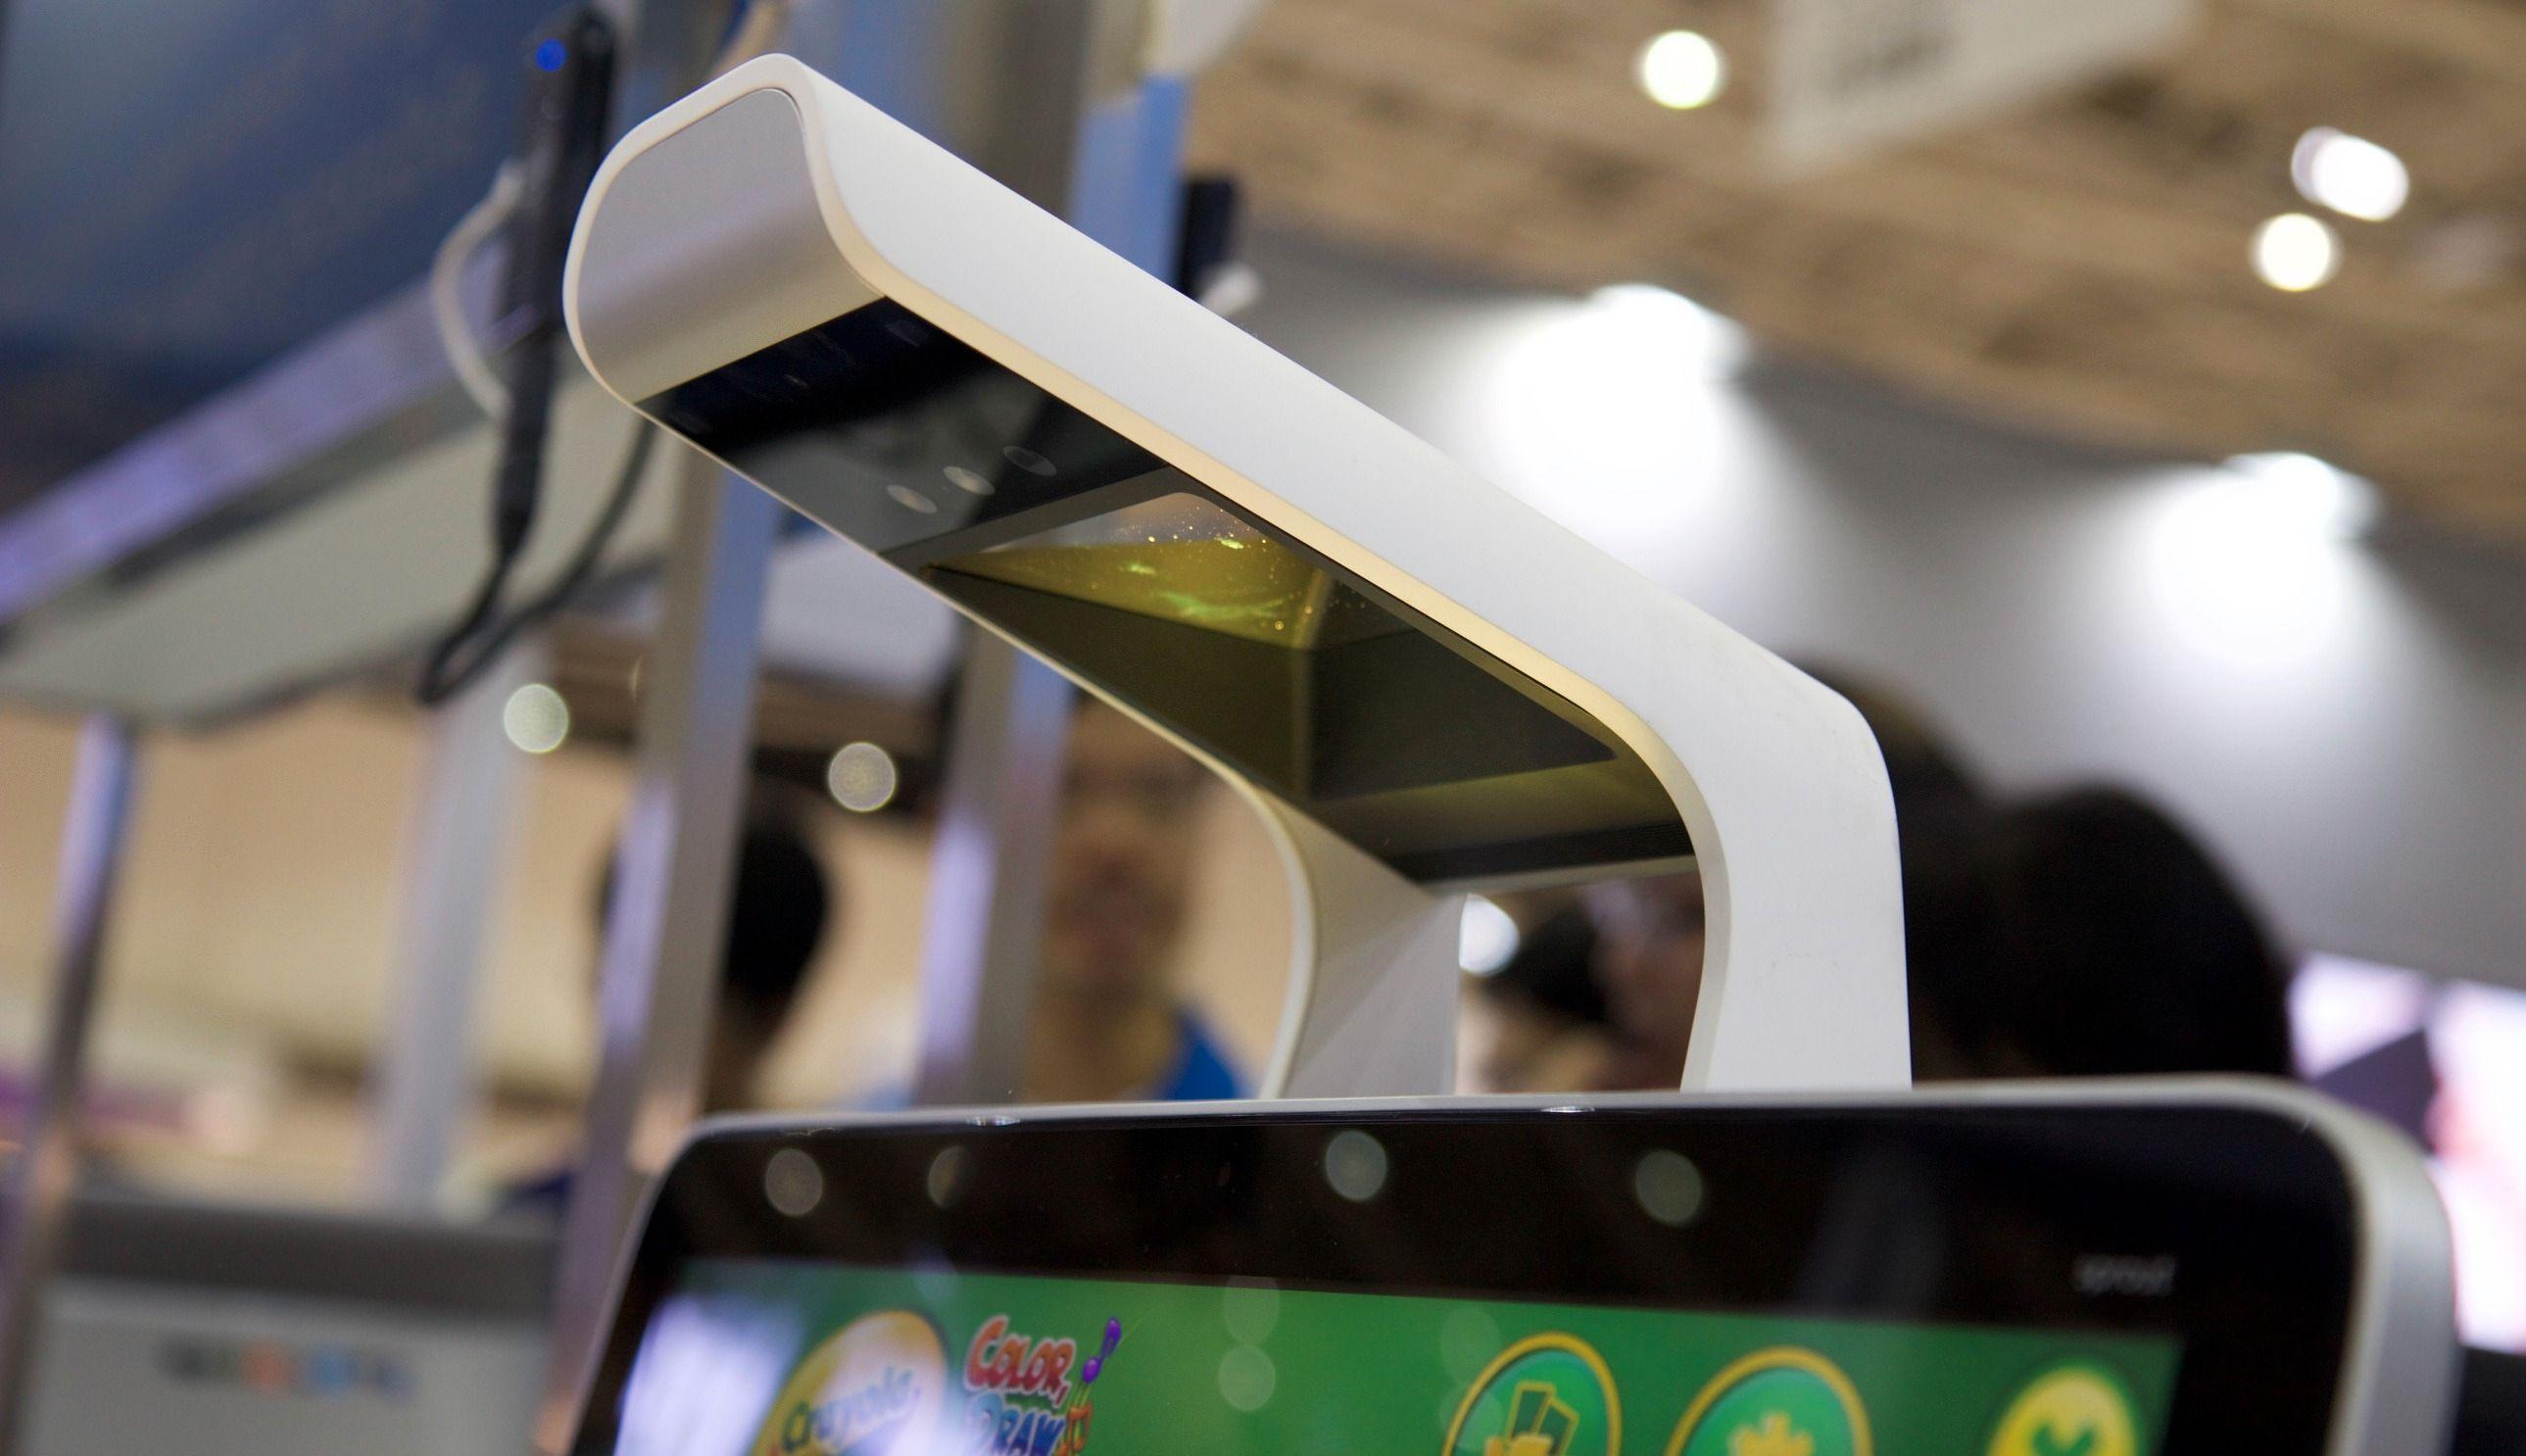 En kombinert projektor og Intel RealSense-kamera, samt en berøringsfølsom pekeplate, er hemmeligheten bak HP Sprout. Foto: Kurt Lekanger, Tek.no